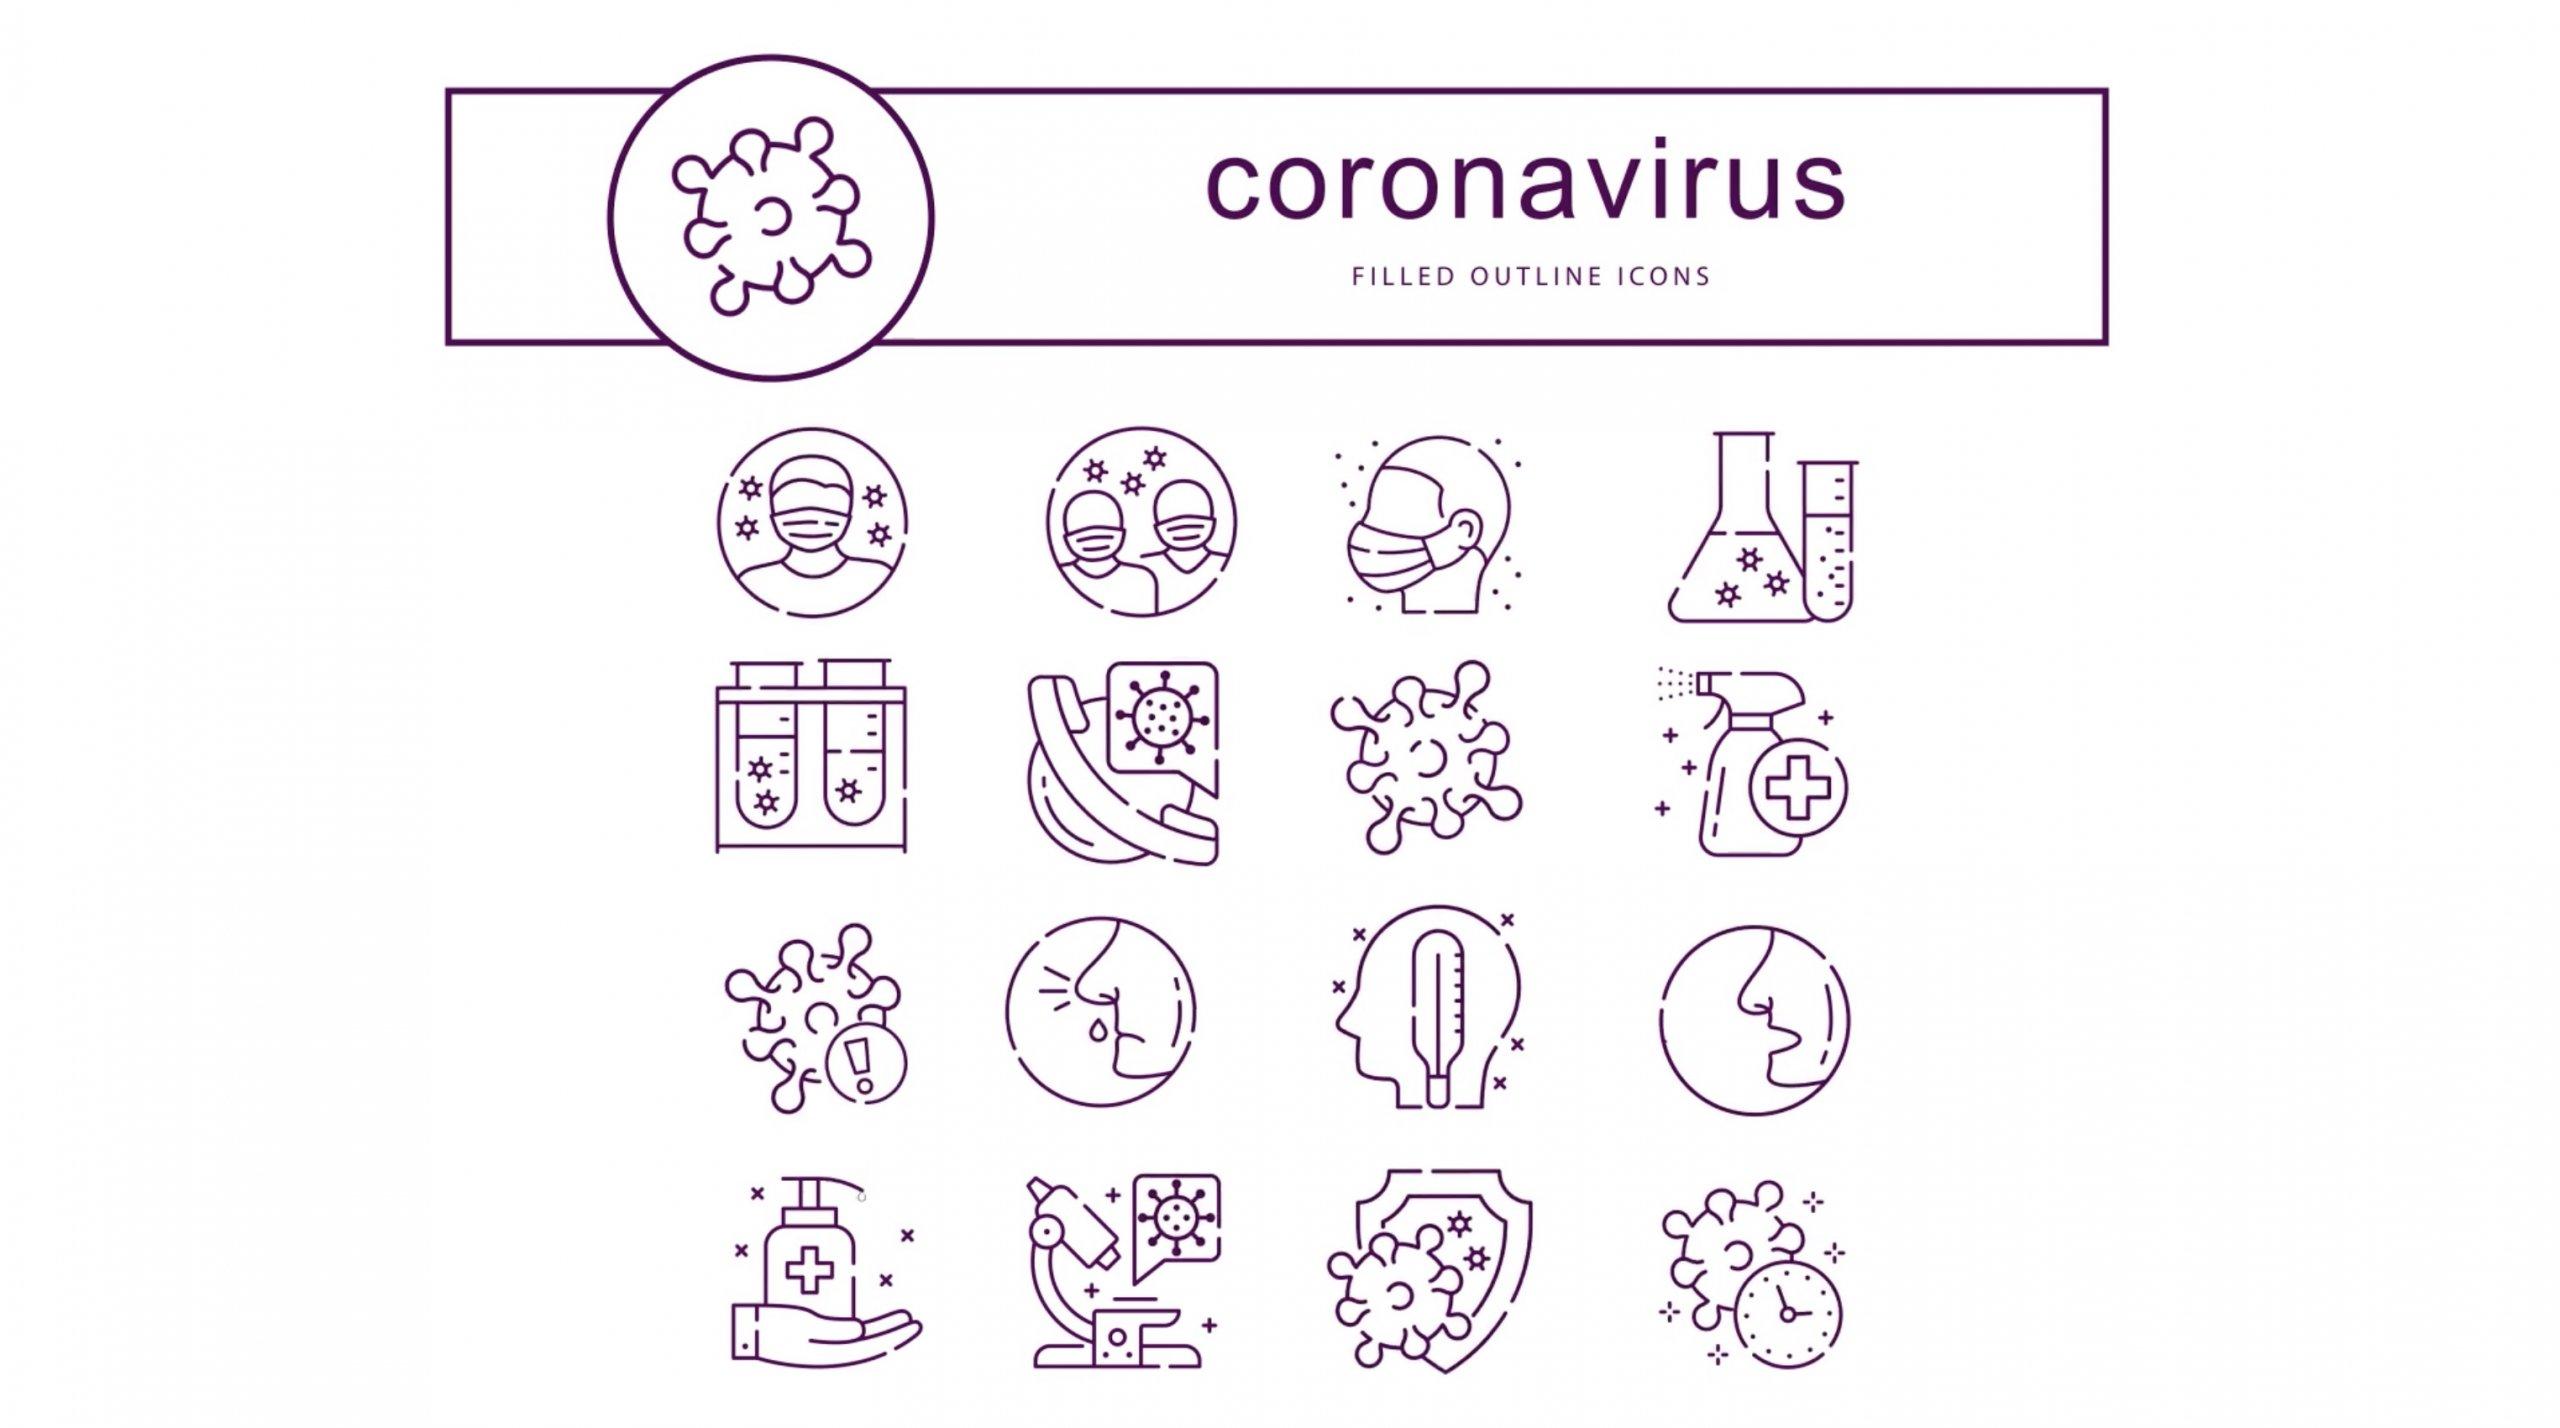 AE模板-冠状病毒动画图标插图